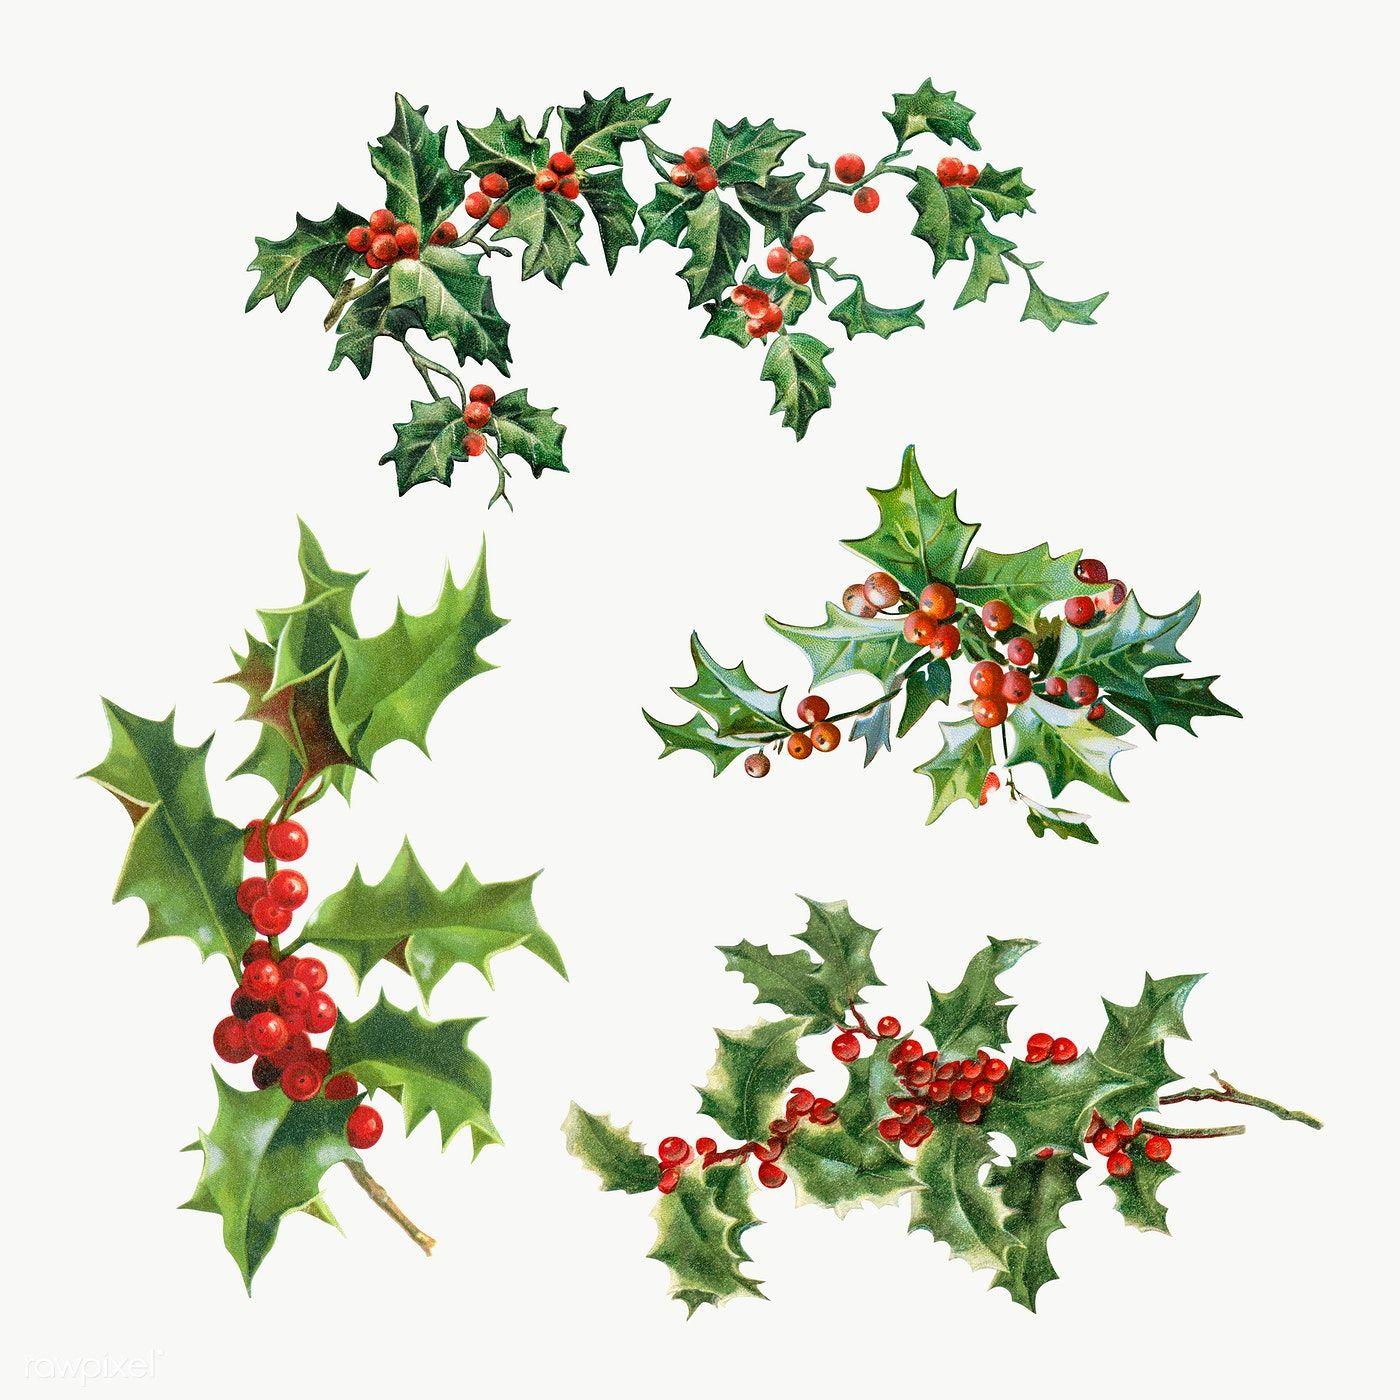 Download Premium Png Of Festive Holly Leaves Set Transparent Png 1232744 Flower Illustration Holly Leaf Flower Aesthetic